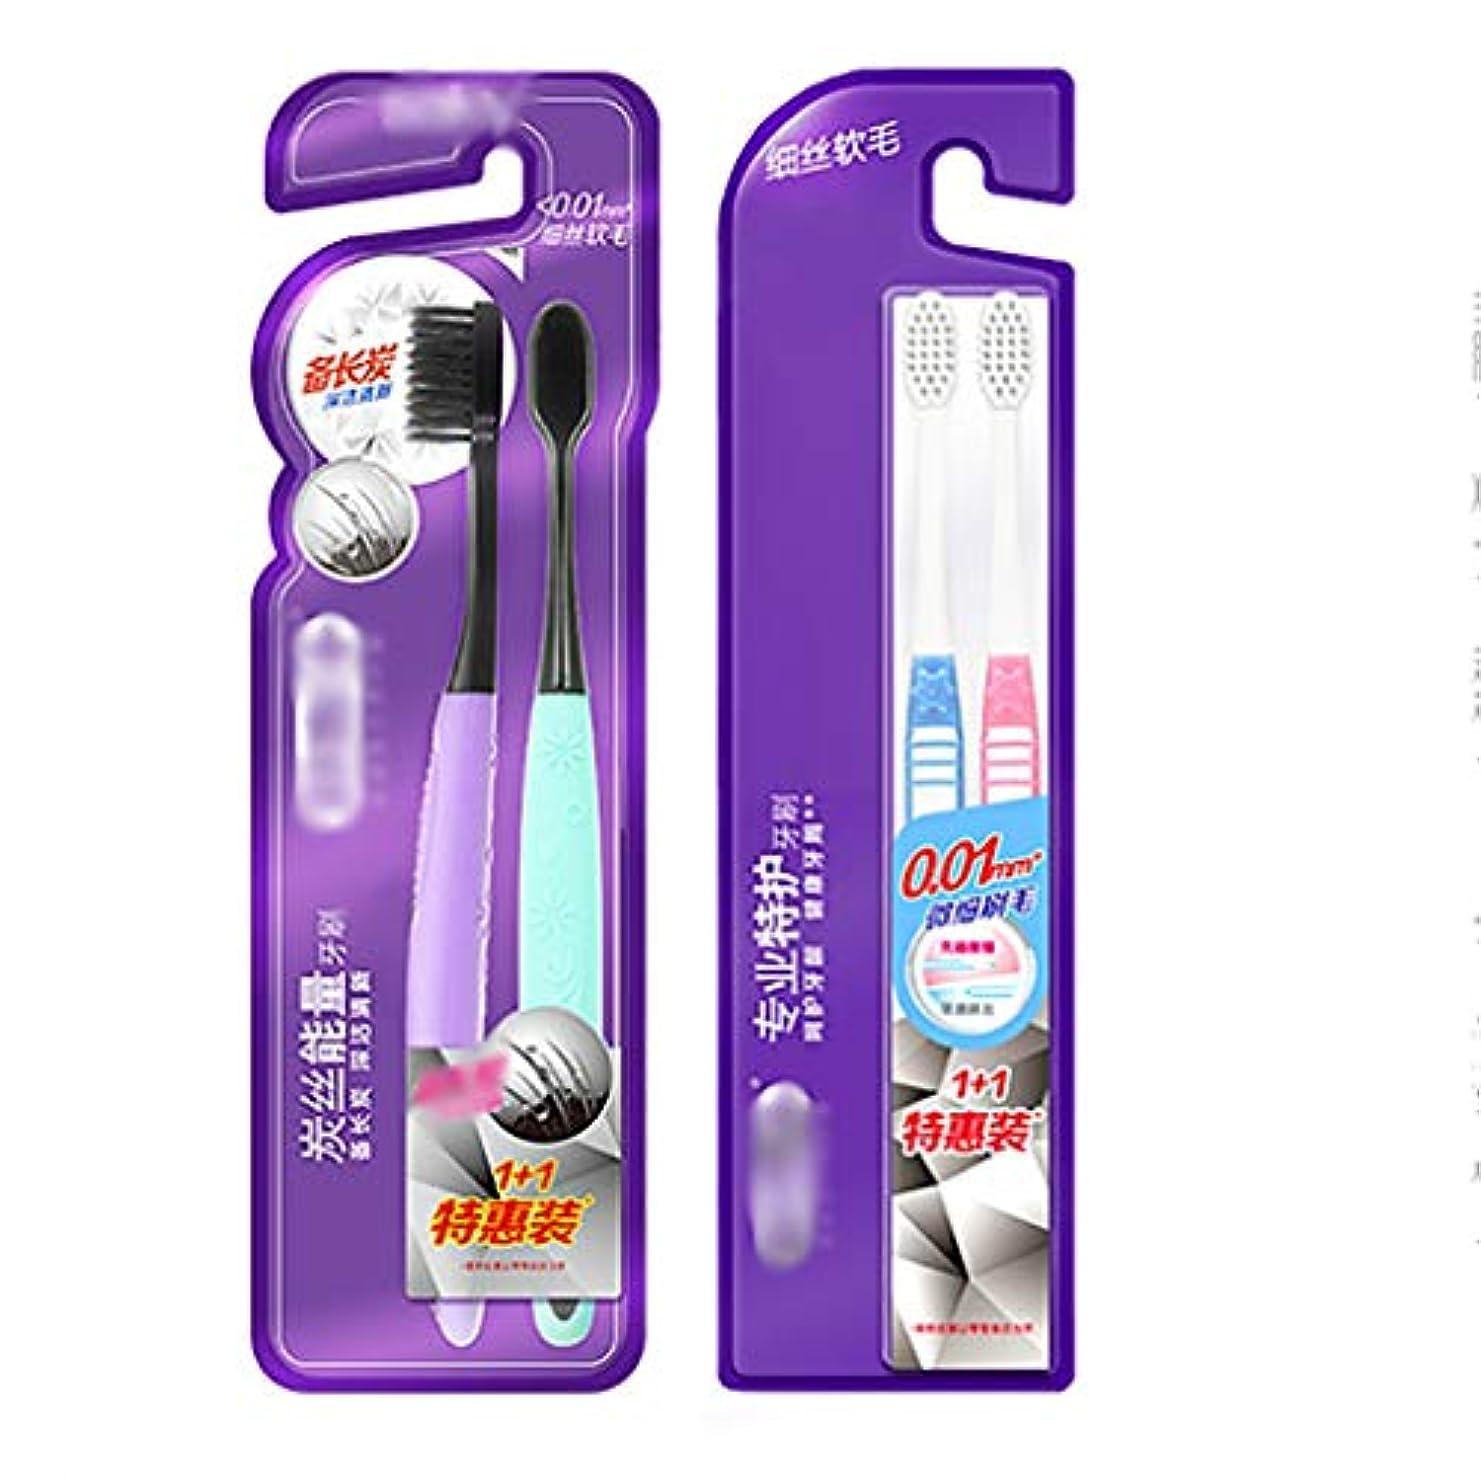 キャッシュジョージハンブリー原子炉歯ブラシ、足首歯ブラシ、手用歯ブラシの8本のスティック